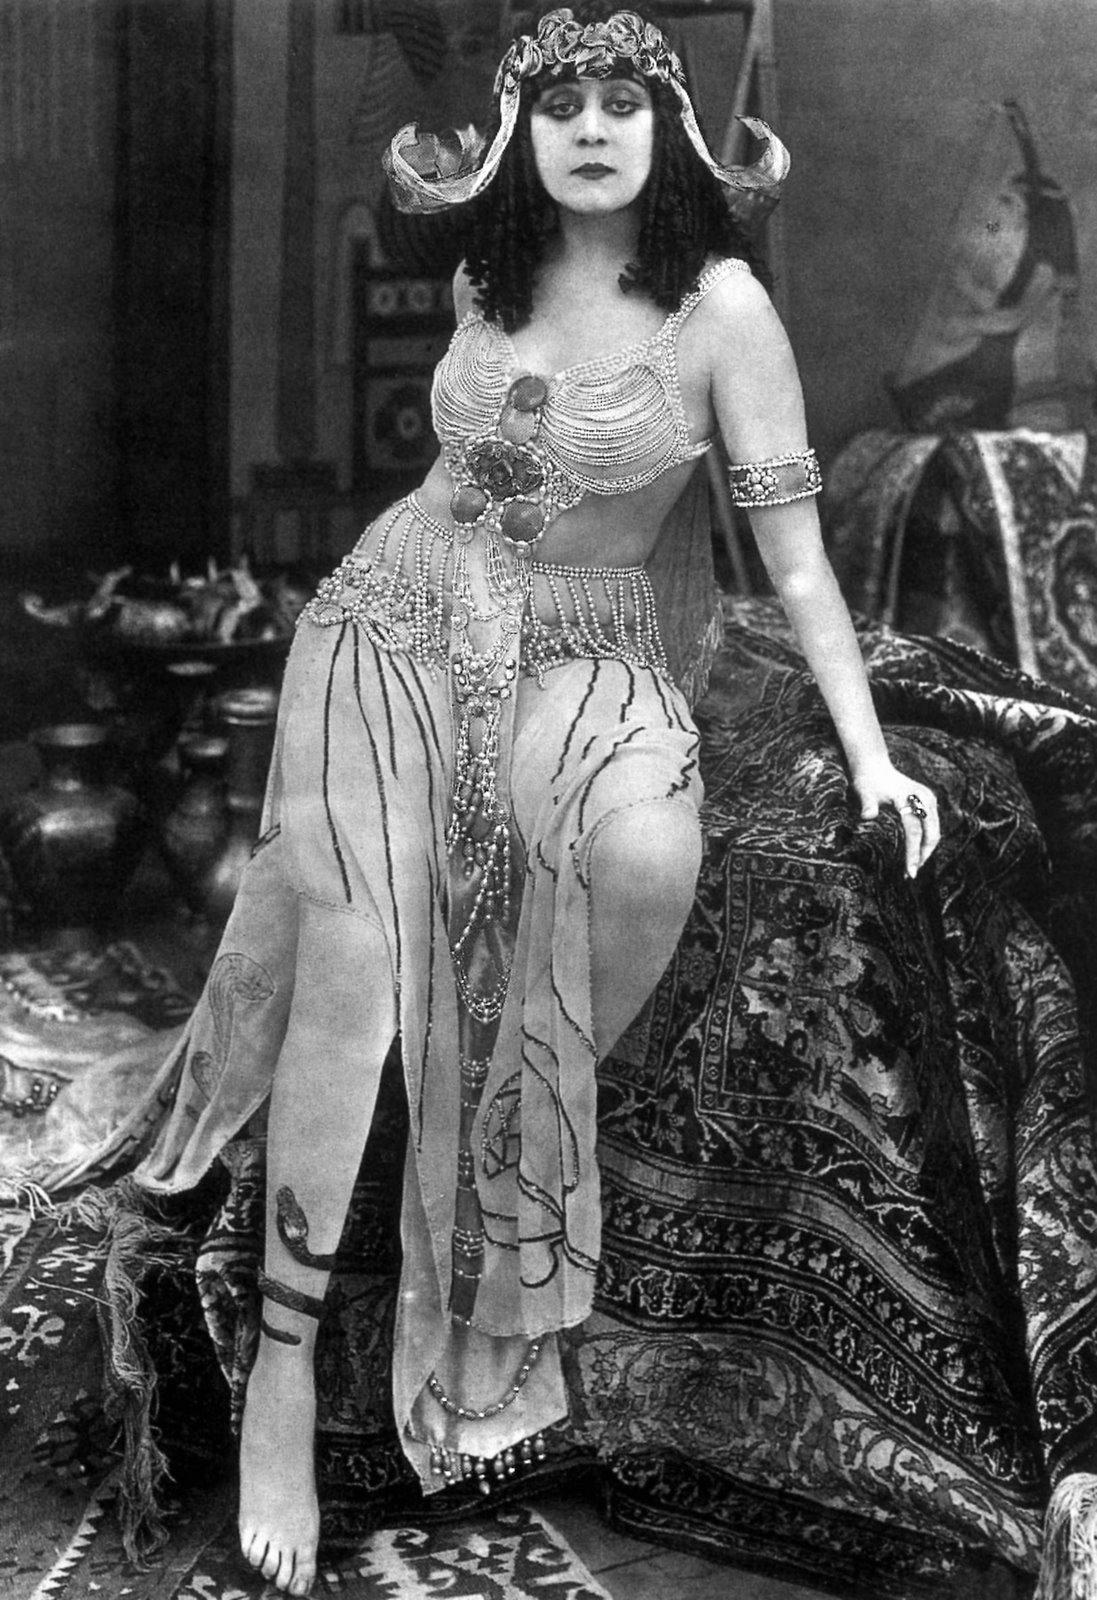 Theda-Bara-in-Cleopatra---Der-erste-Vamp-des-Films-752253